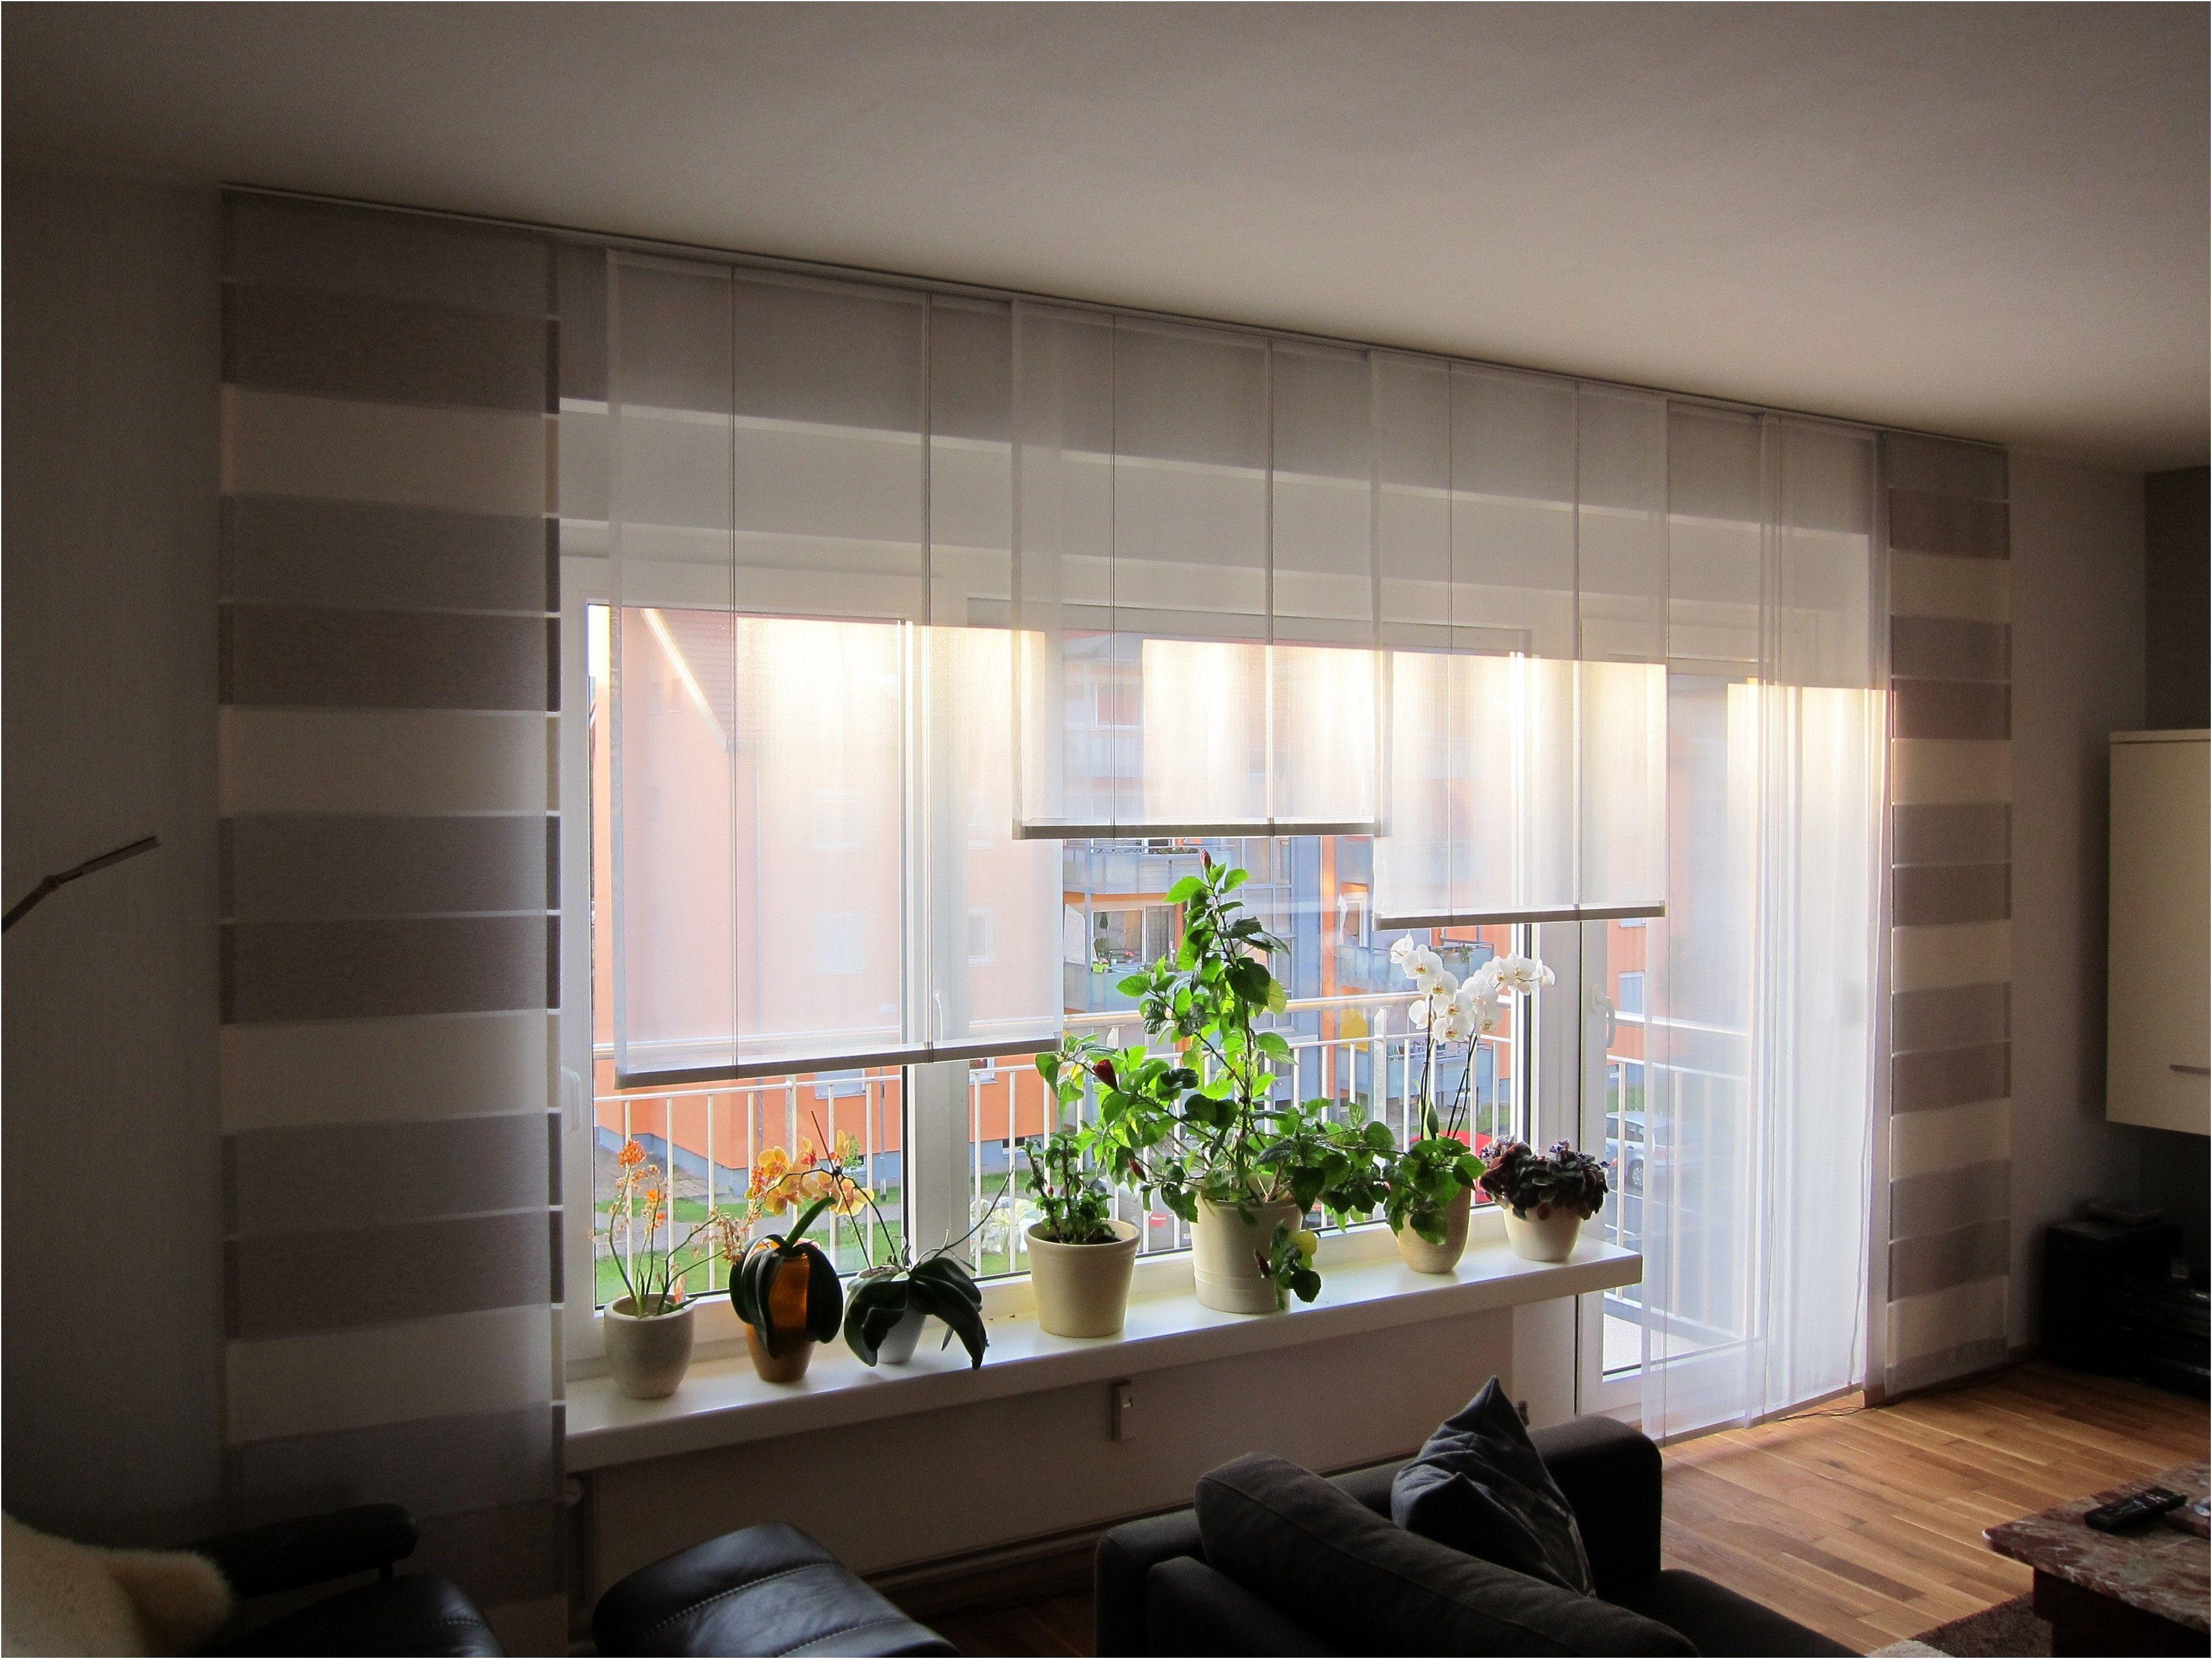 Ideal Balkontur Vorhang Aussen In 2020 Gardinen Wohnzimmer